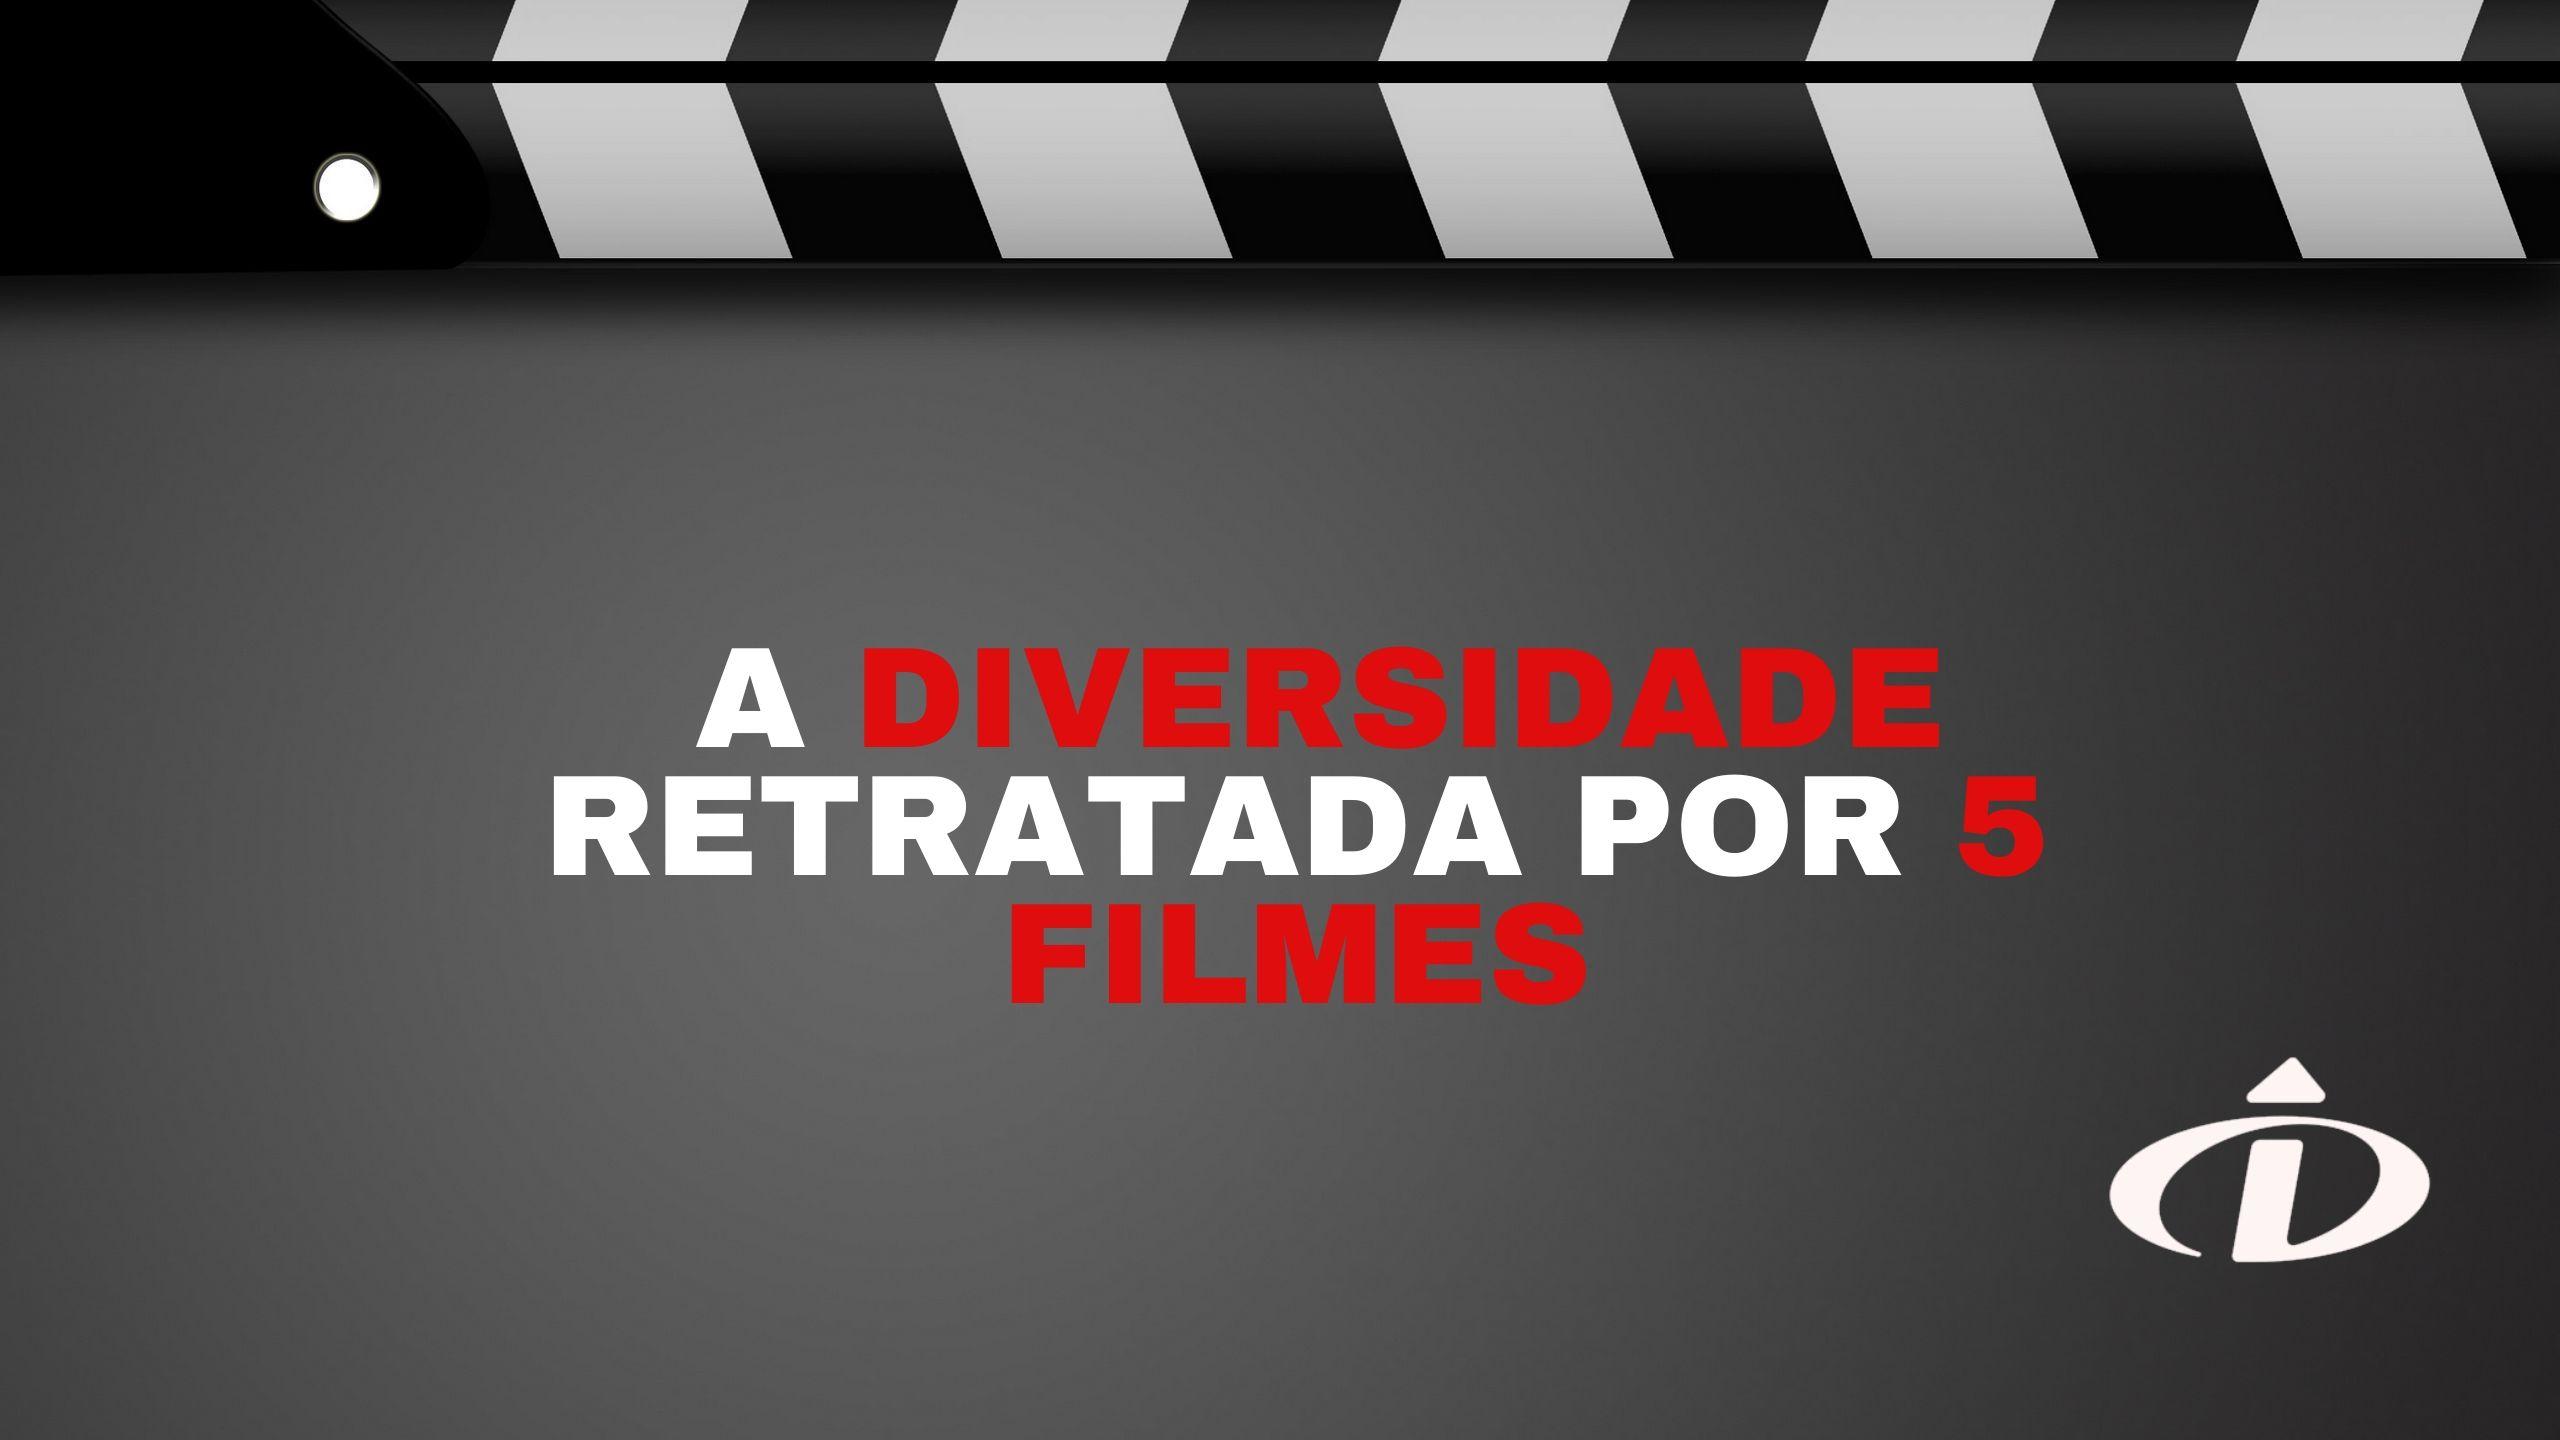 fundo cinza, texto: A diversidade Retratada por 5 filmes. Logotipo Desenvolver em branco.